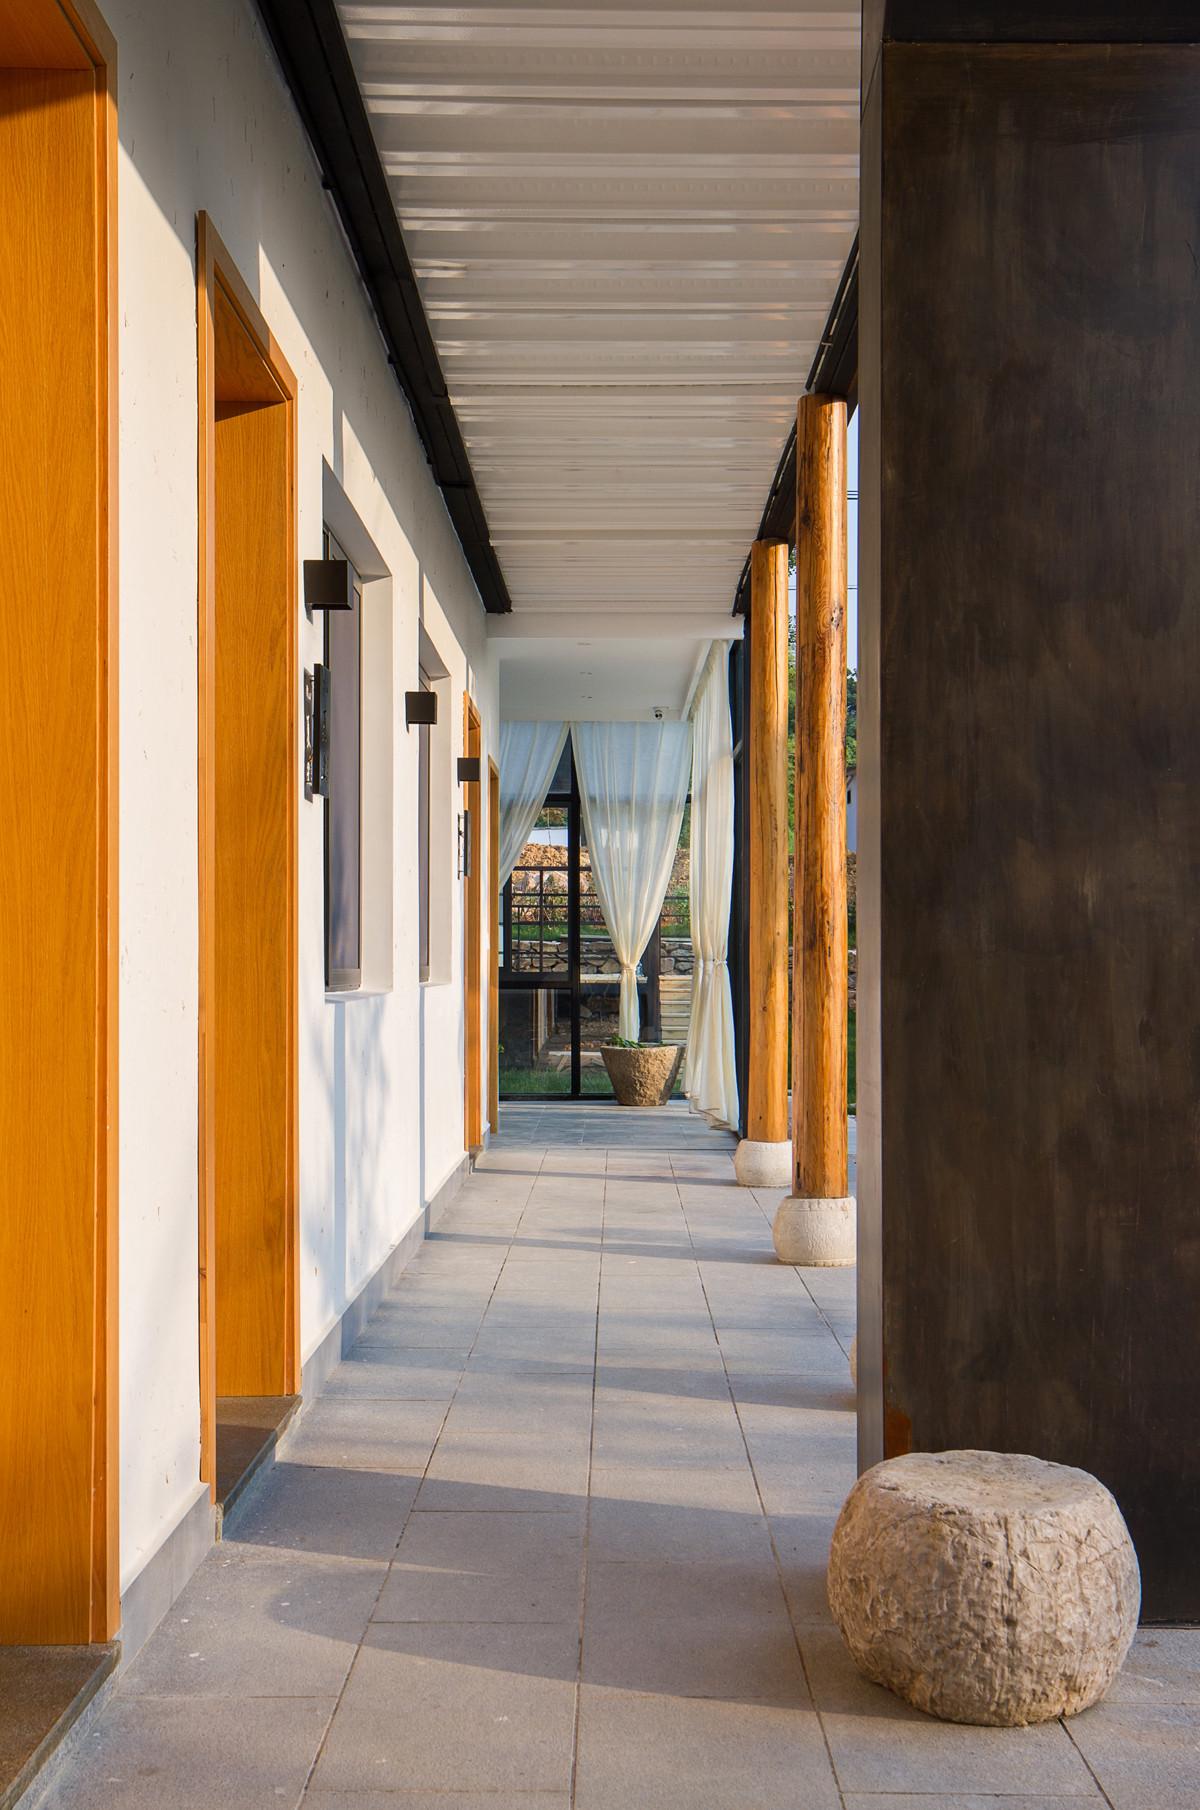 复古民宿装修走廊图片